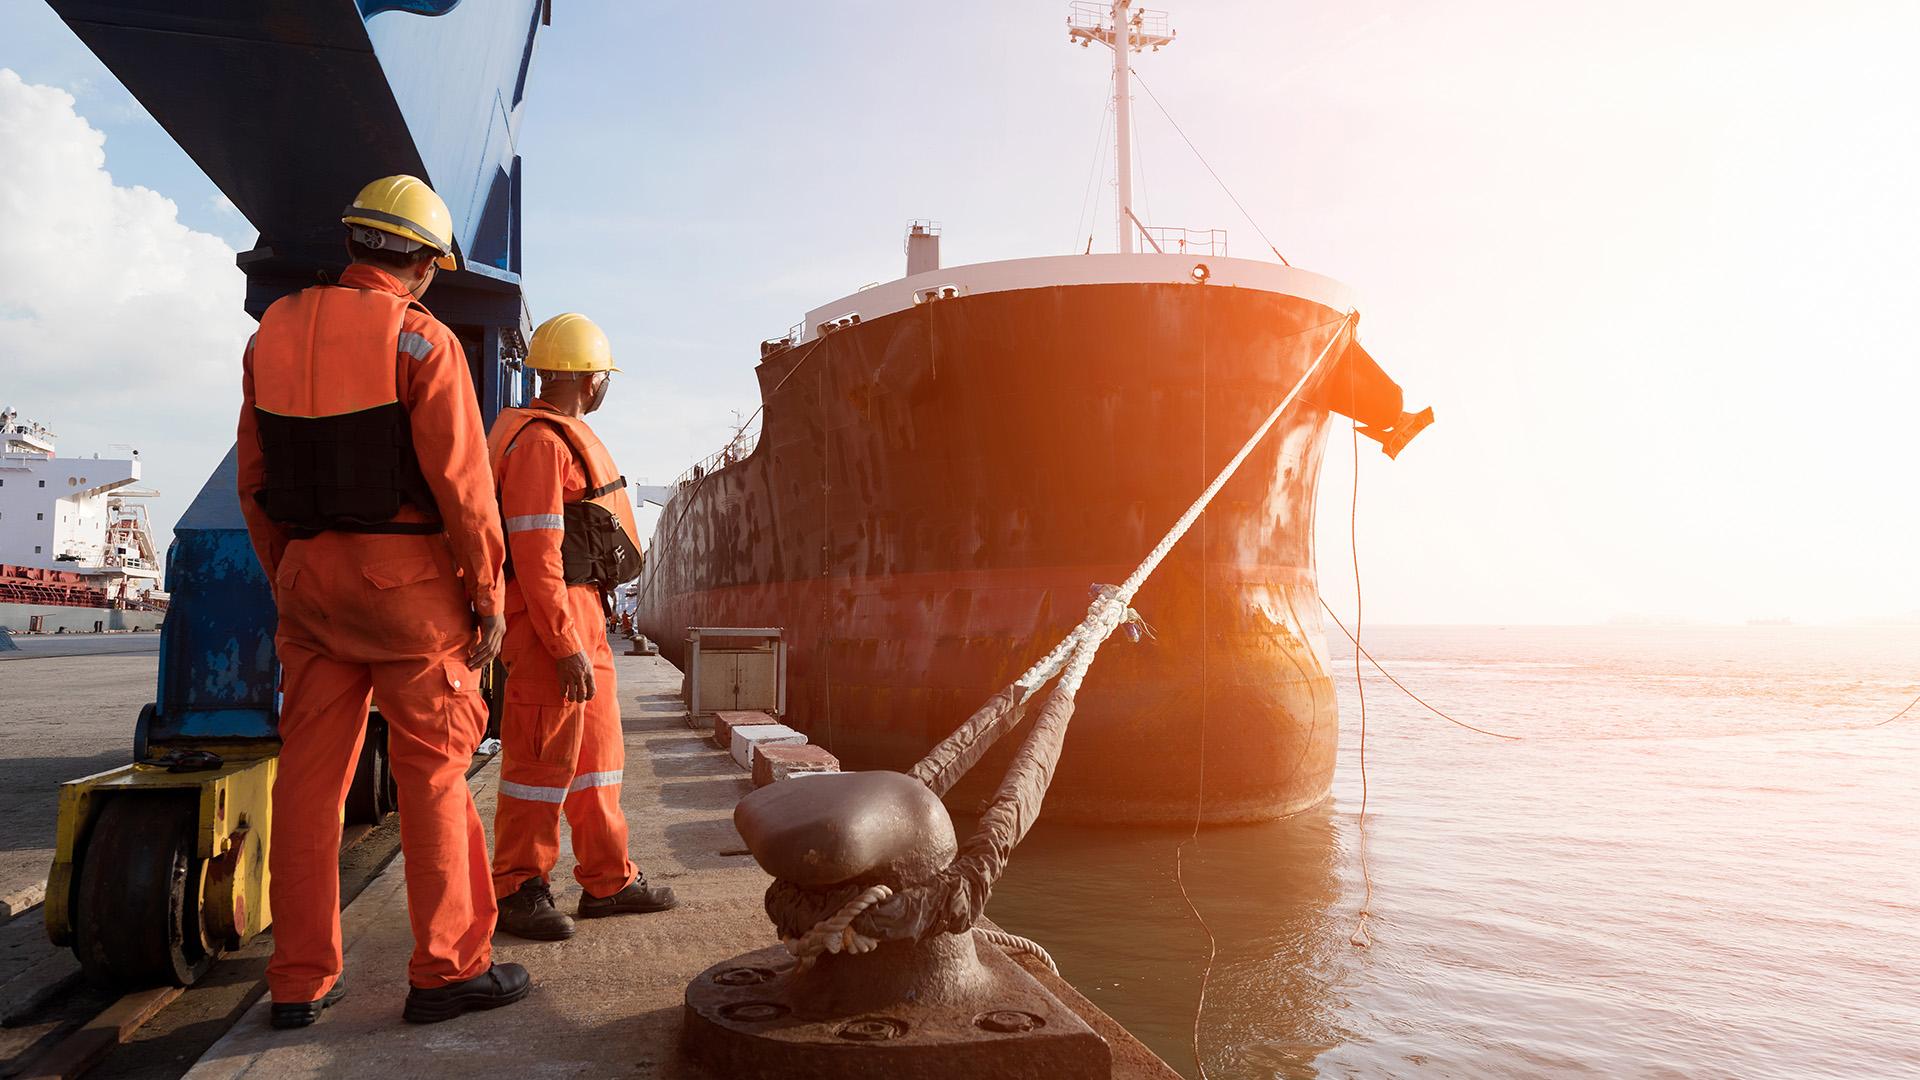 Как устроиться работать моряком: агентство Марин МАН, процесс работы, вакансии и преимущества